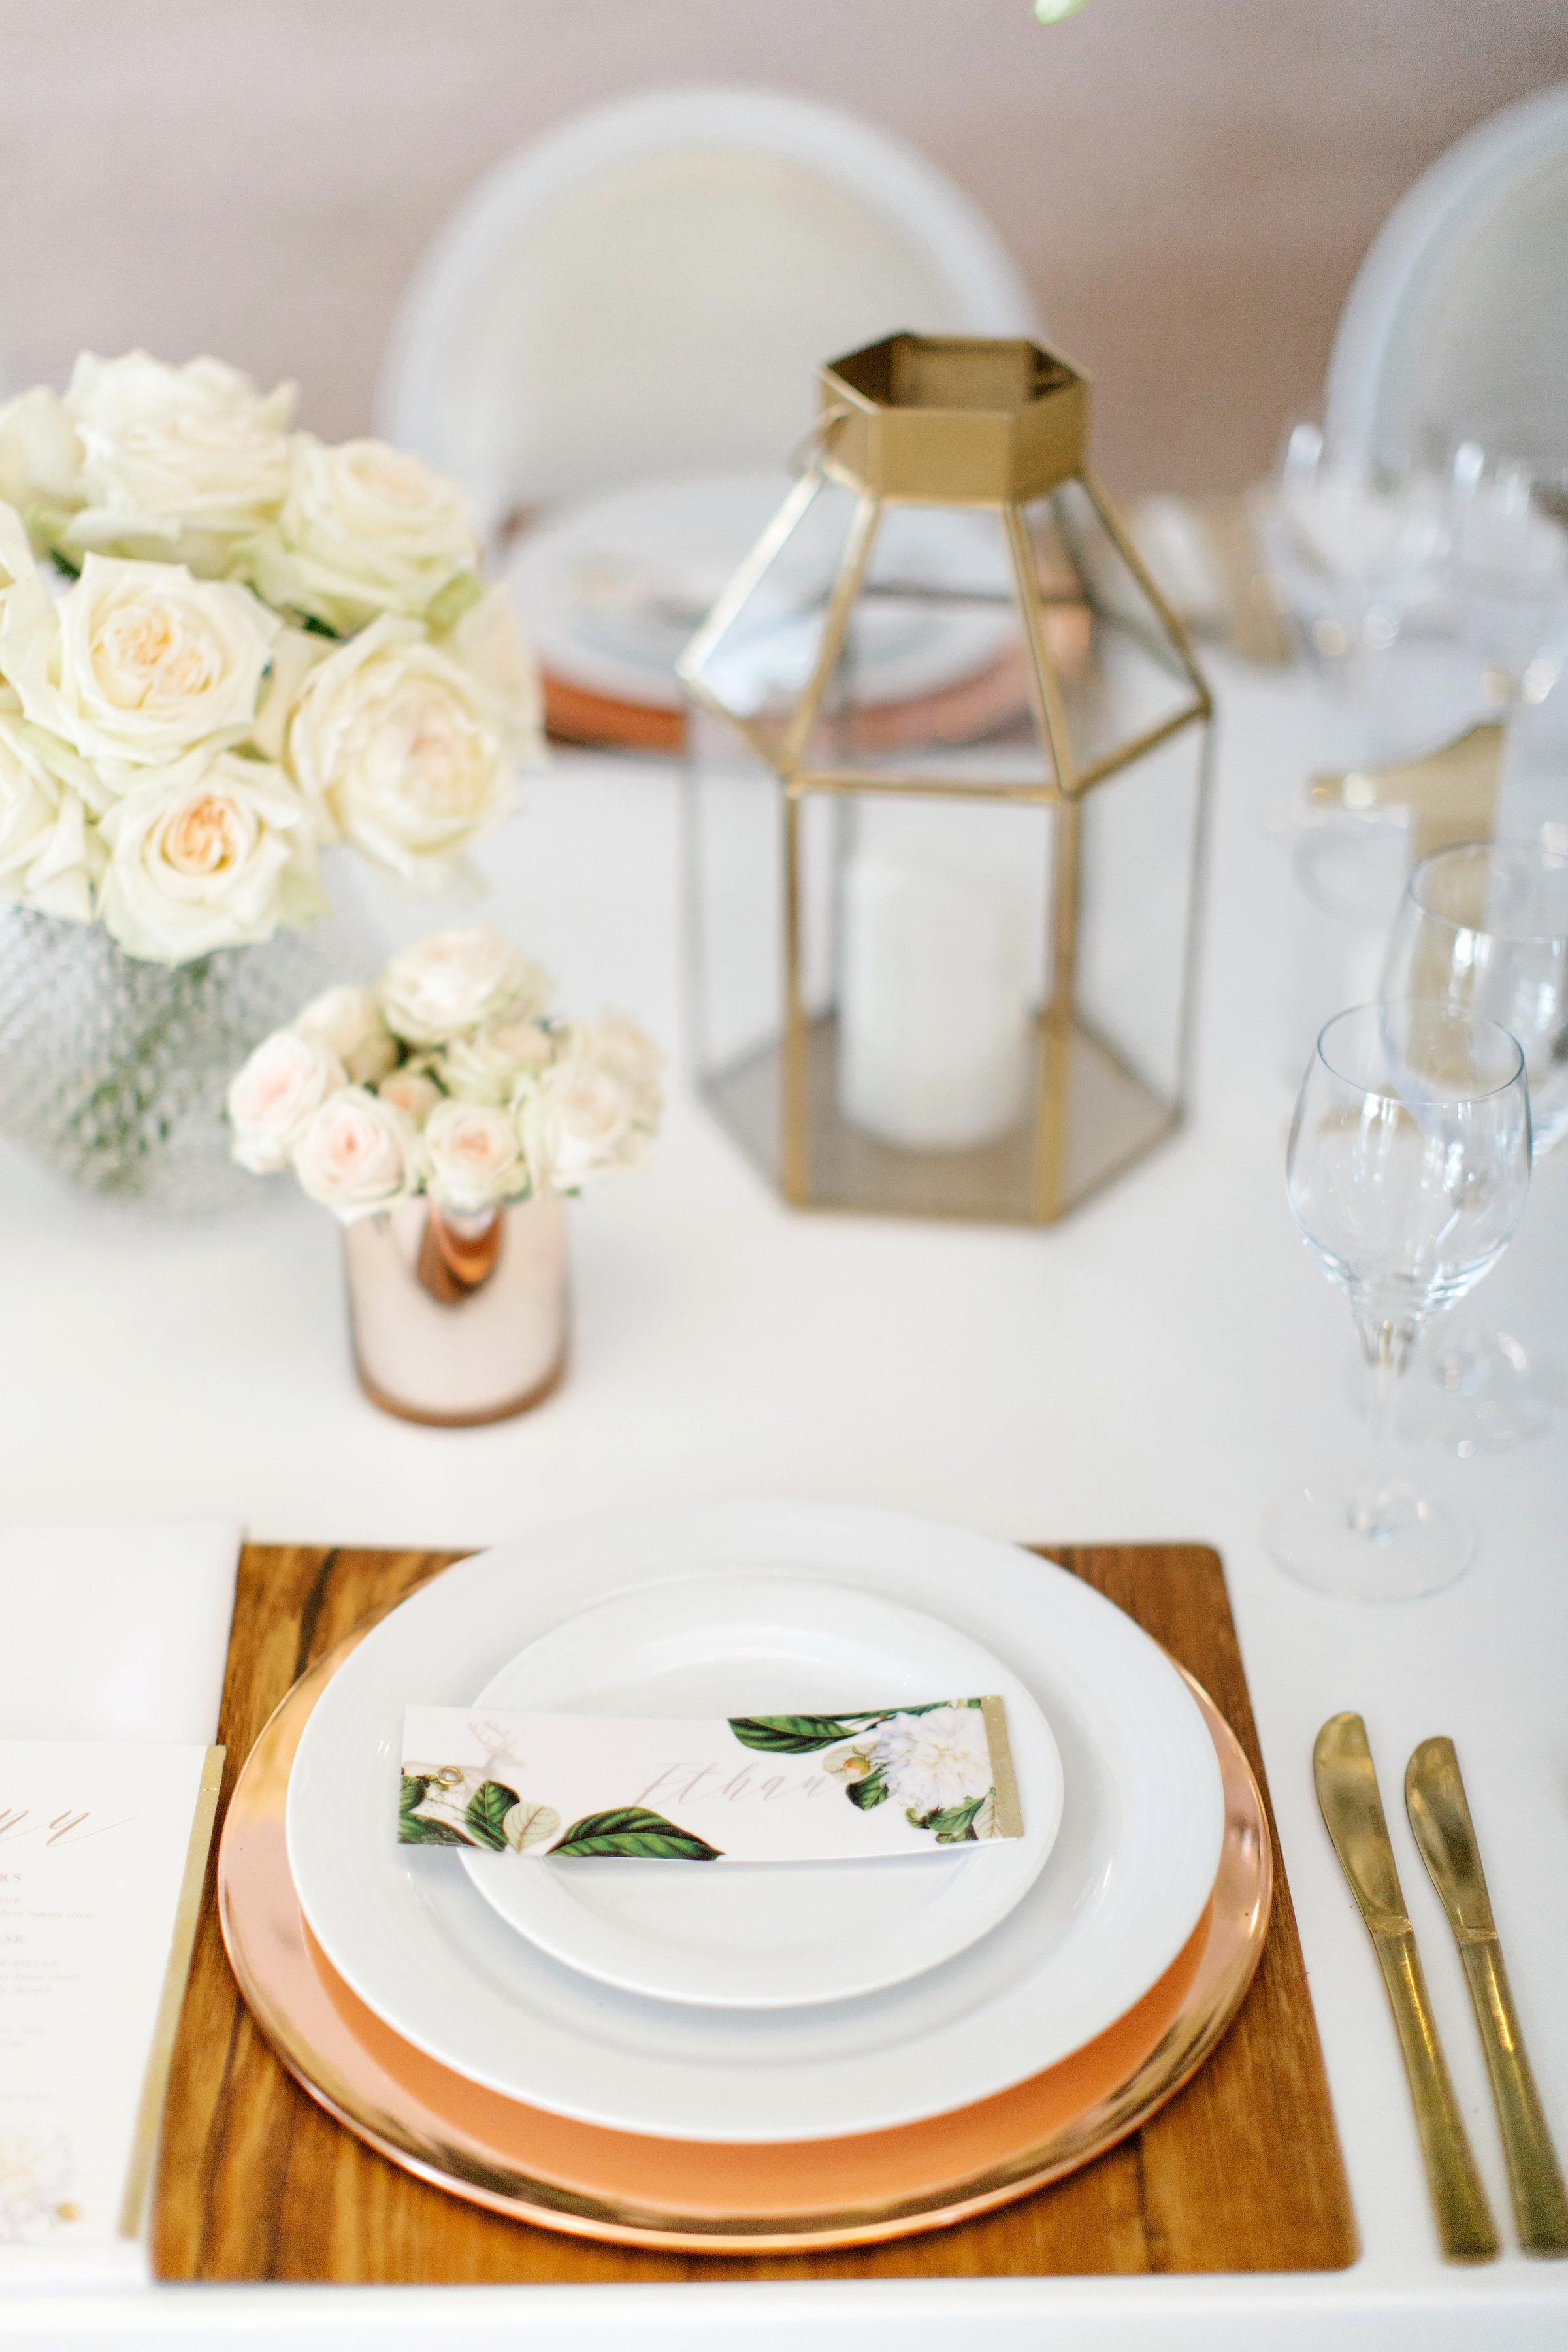 chloe shayo south africa wedding place setting